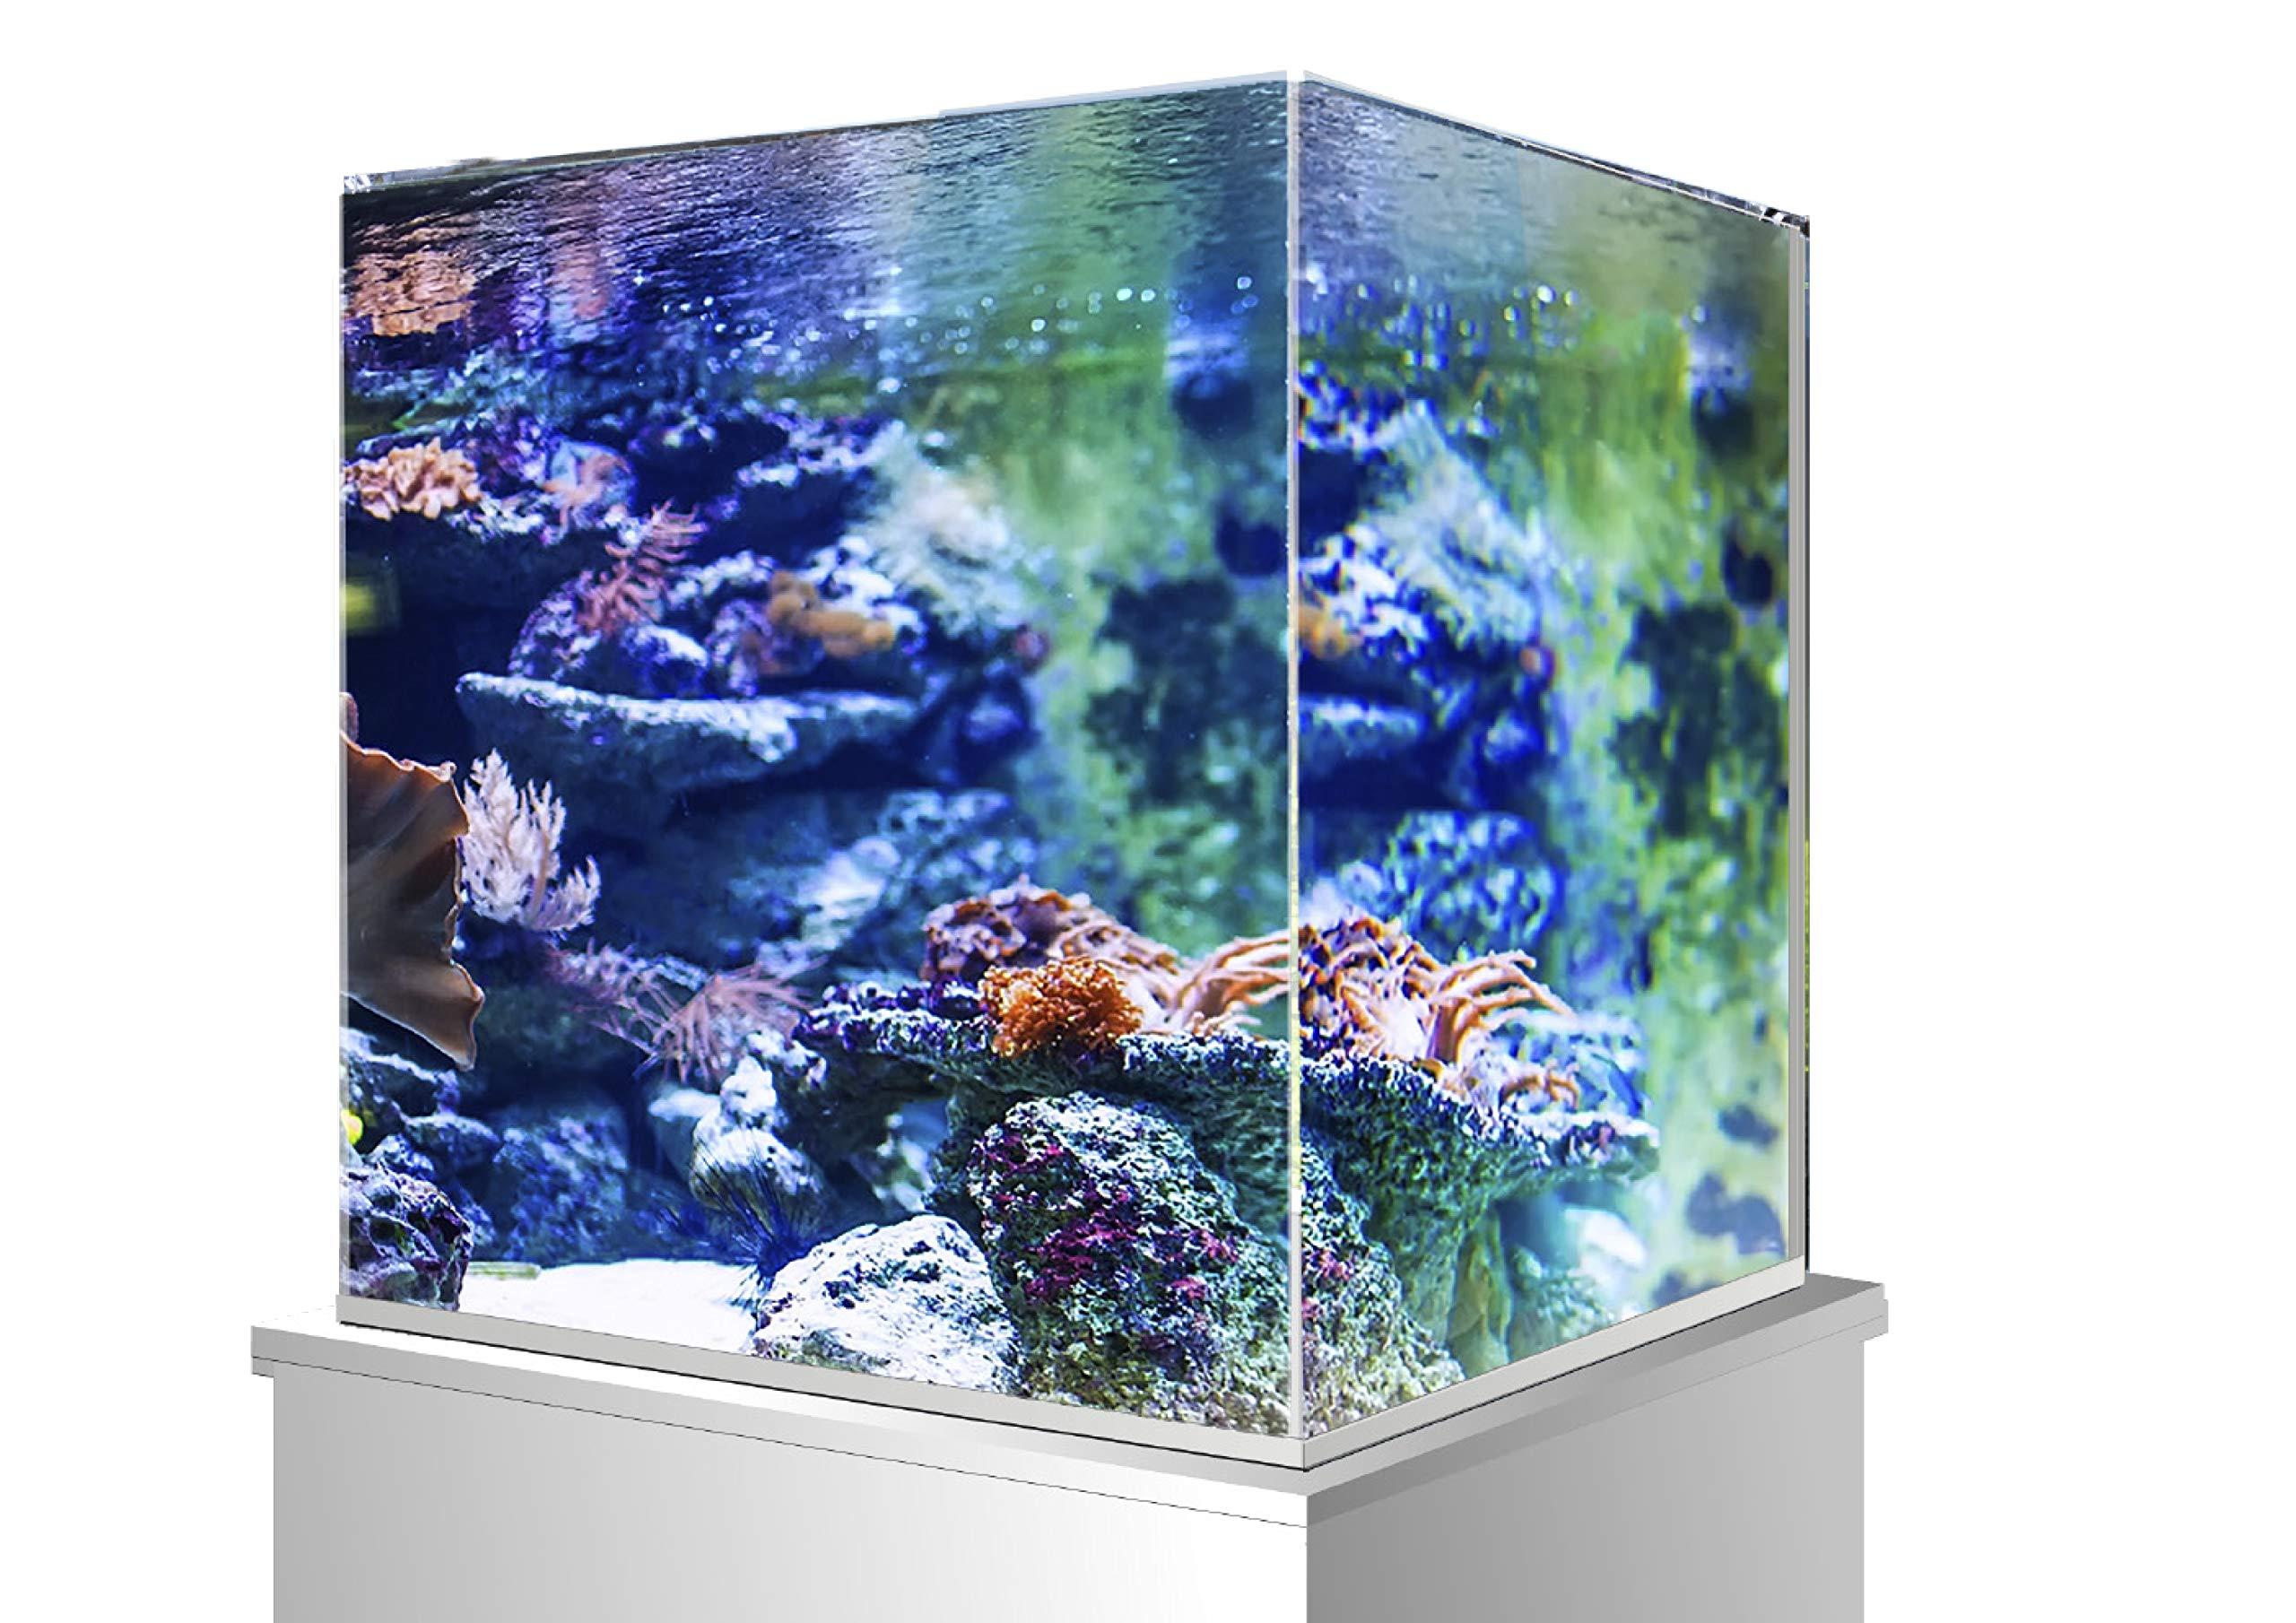 CROCI Wave Zen Artist Tank, 25 x 25 cm